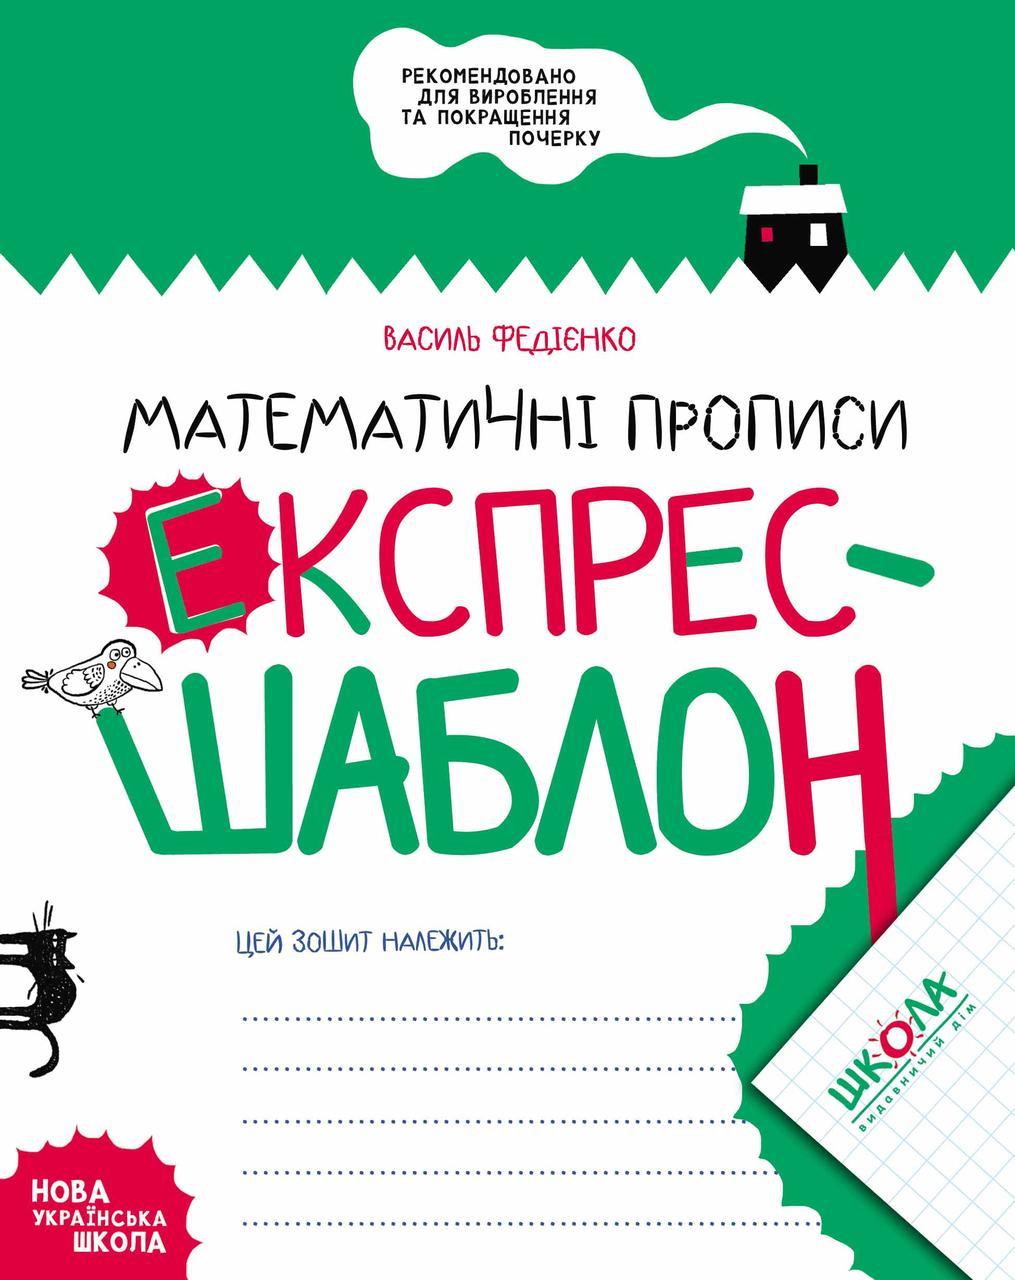 Математичні прописи. Експрес-шаблон. Автор Федієнко Василь.978-966-429-616-5